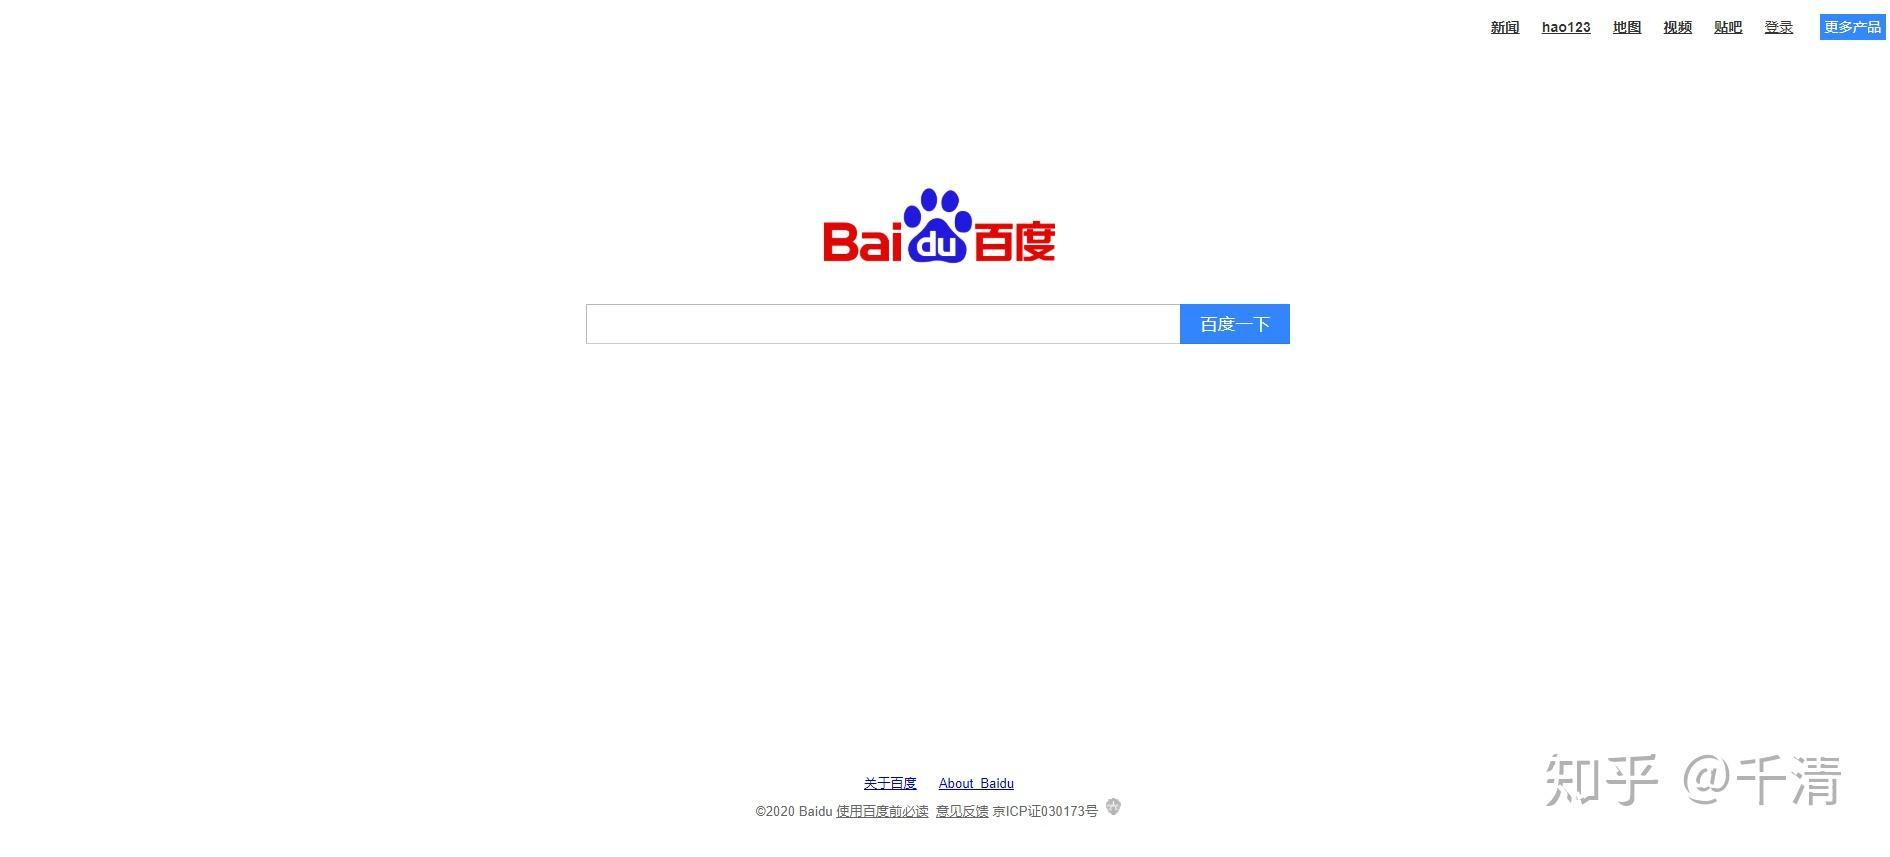 Www.baidu.com 百度